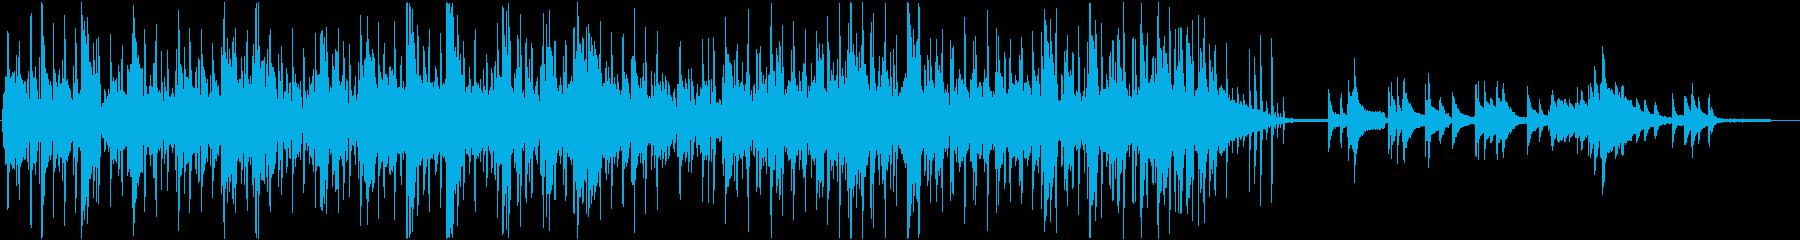 疾走感のあるヒップホップジャズの再生済みの波形